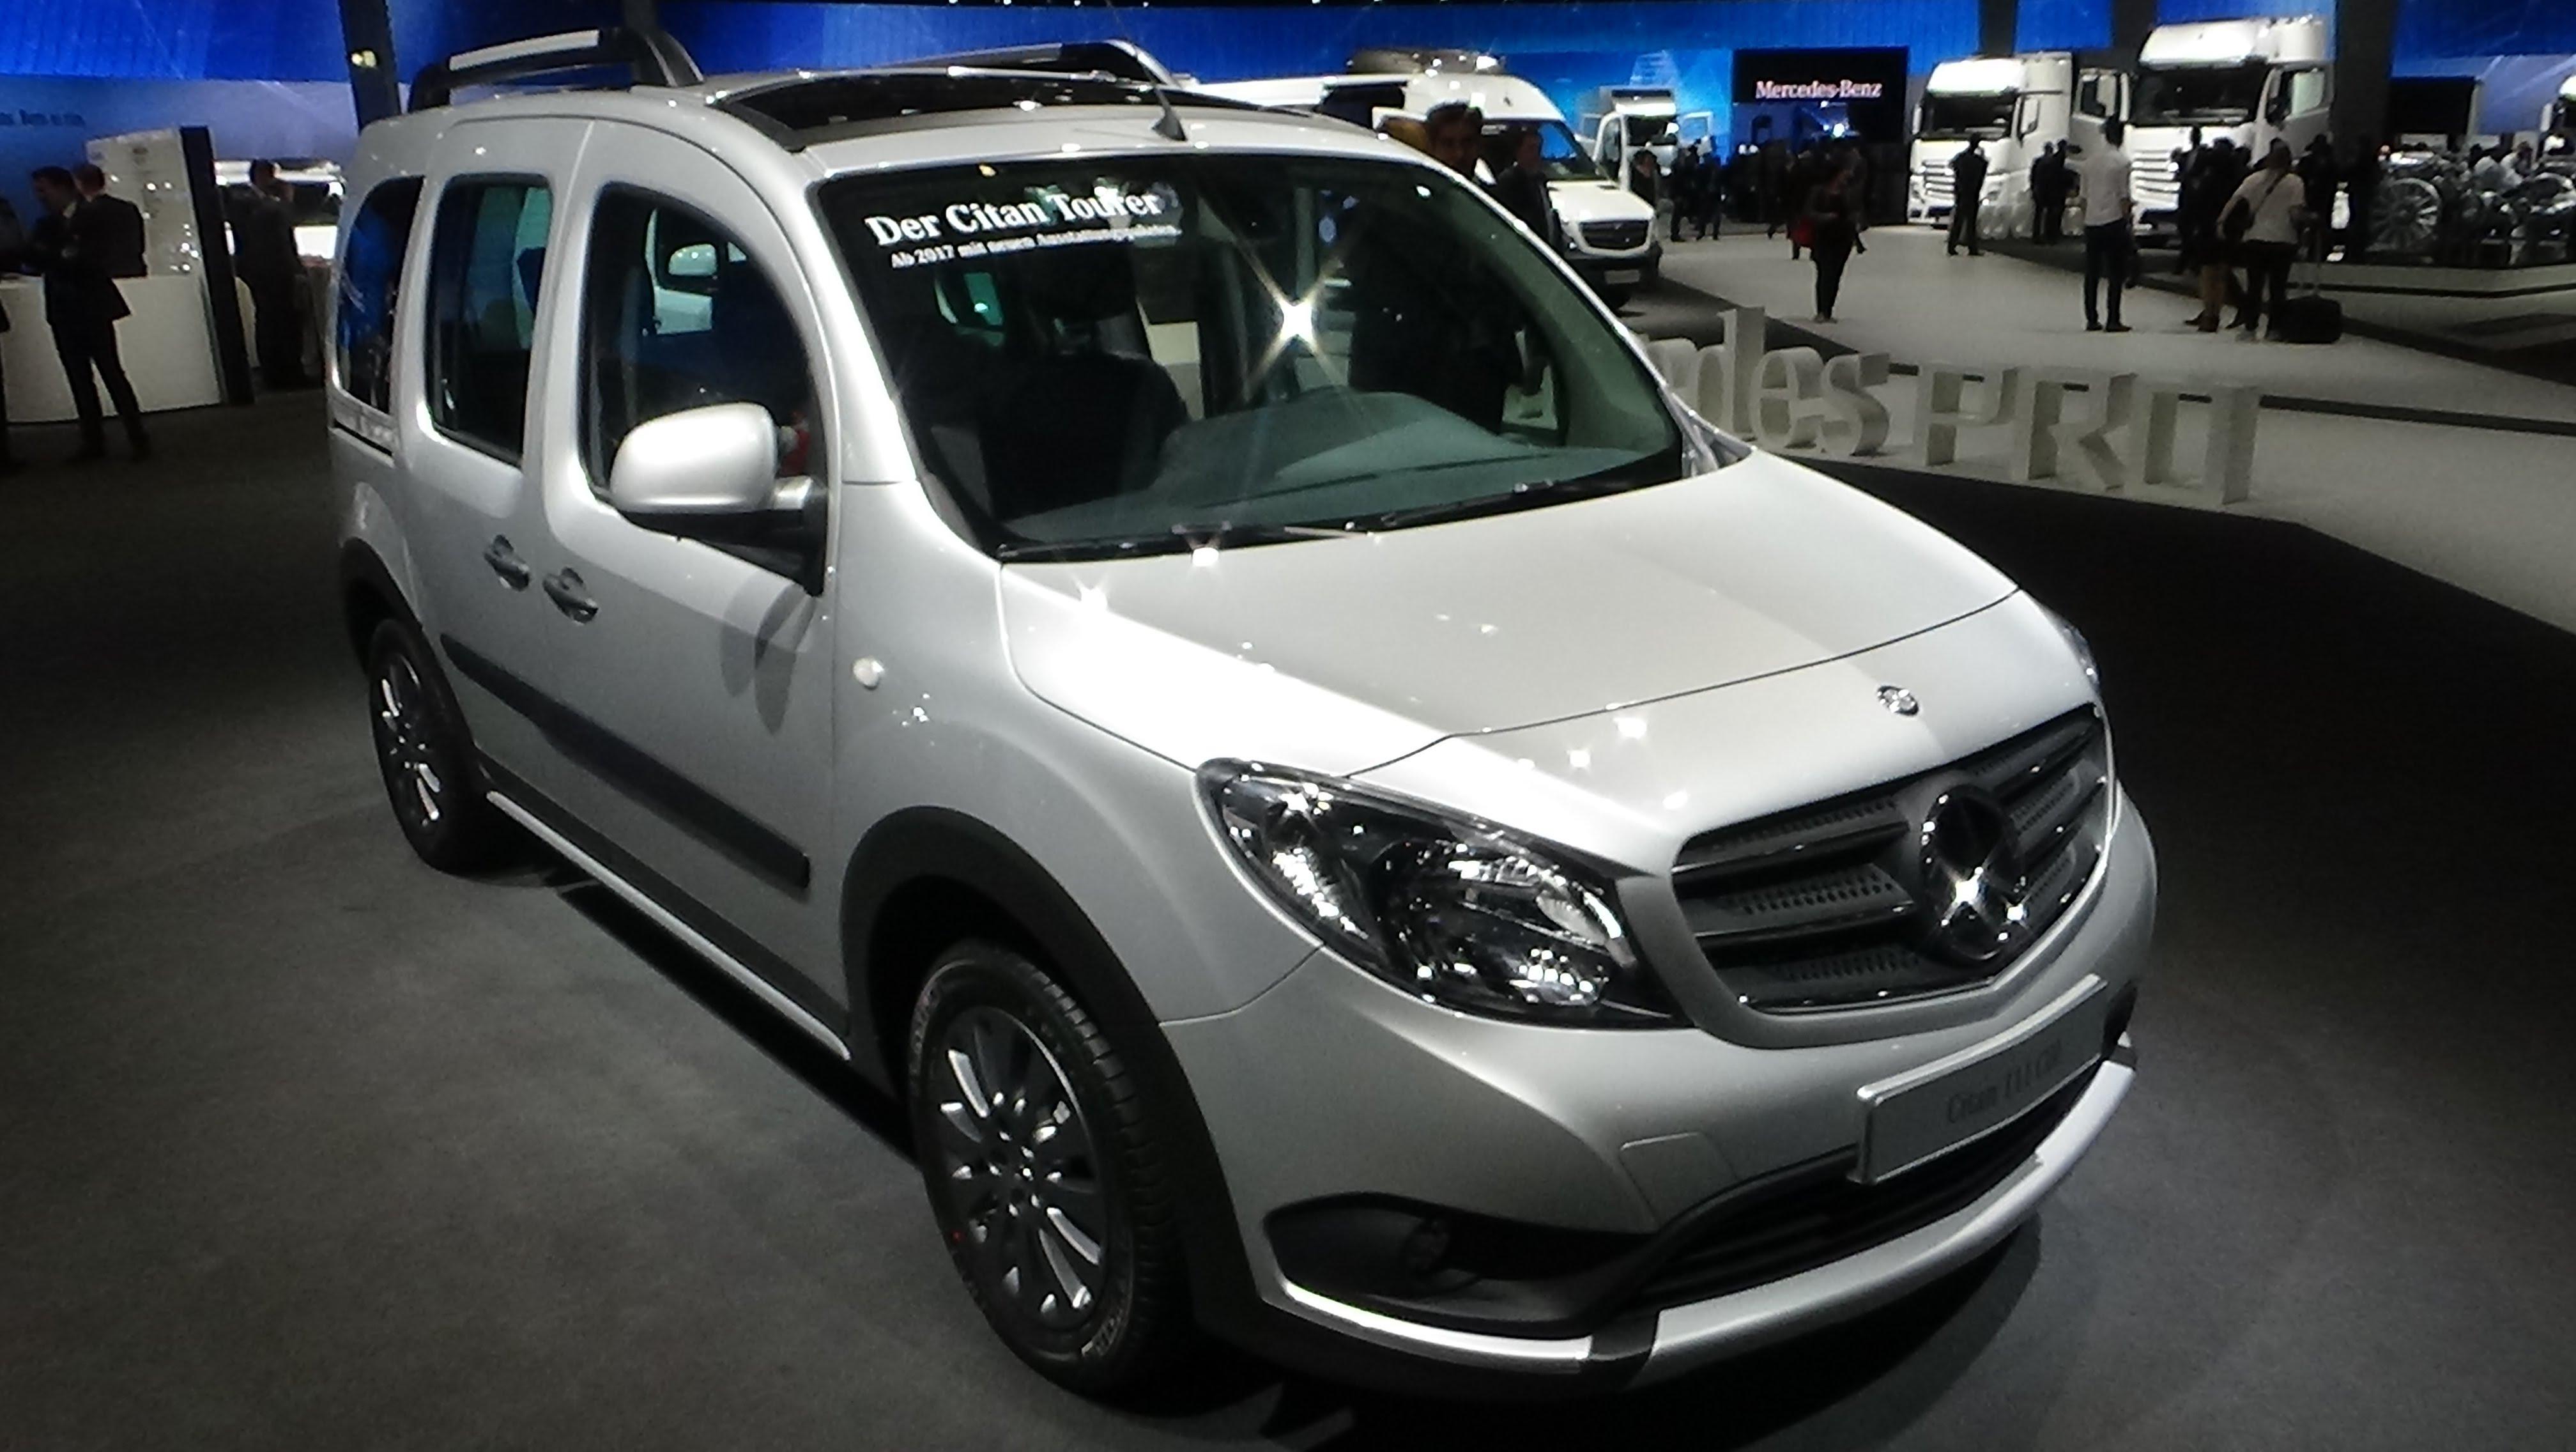 La estrella de Mercedes tiene brillo comercial mixto con la nueva Citan 2017, donde se alterna el trabajo diario con el ocio y la polivalencia familiar.